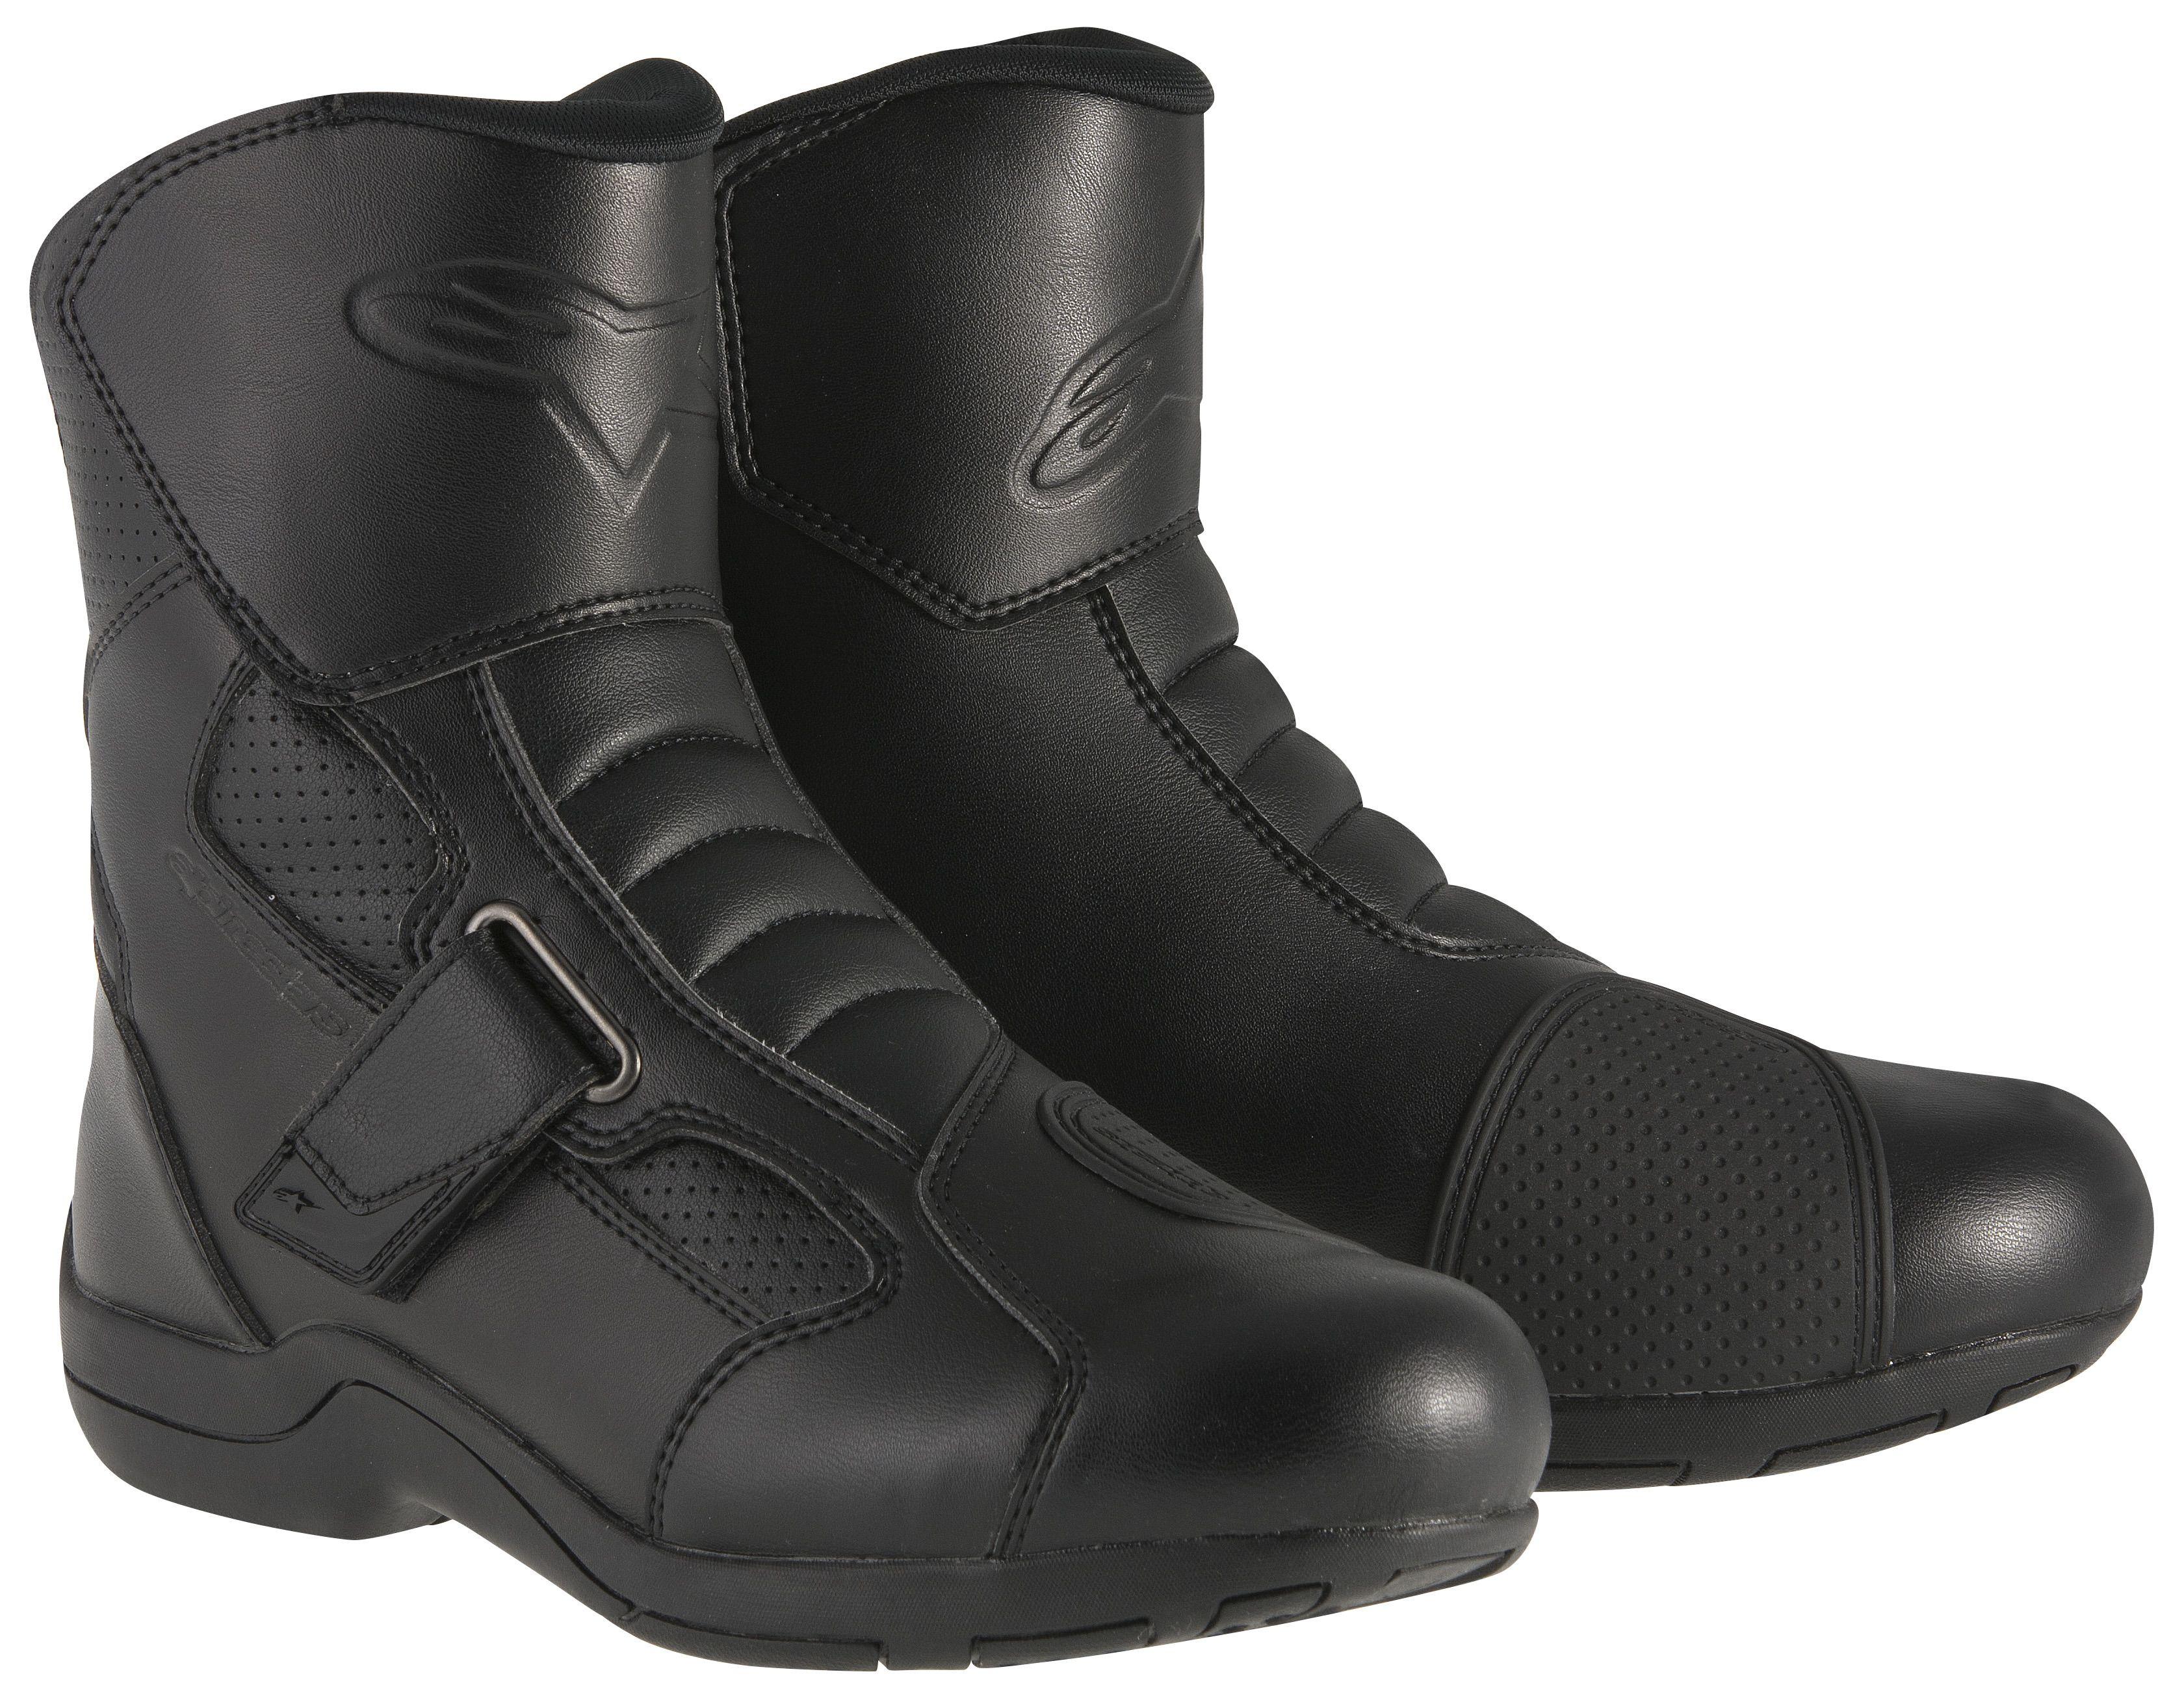 Alpinestars Touring Boots